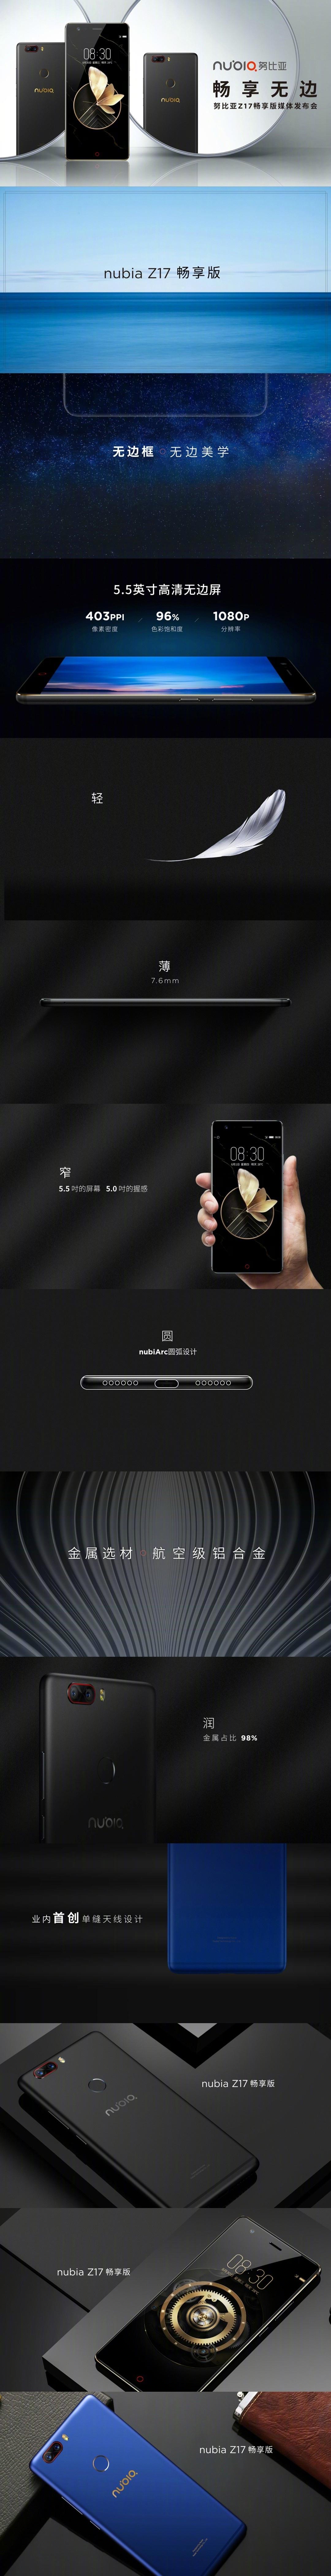 骁龙653加持 努比亚Z17畅享版发布:5.5屏5寸握感